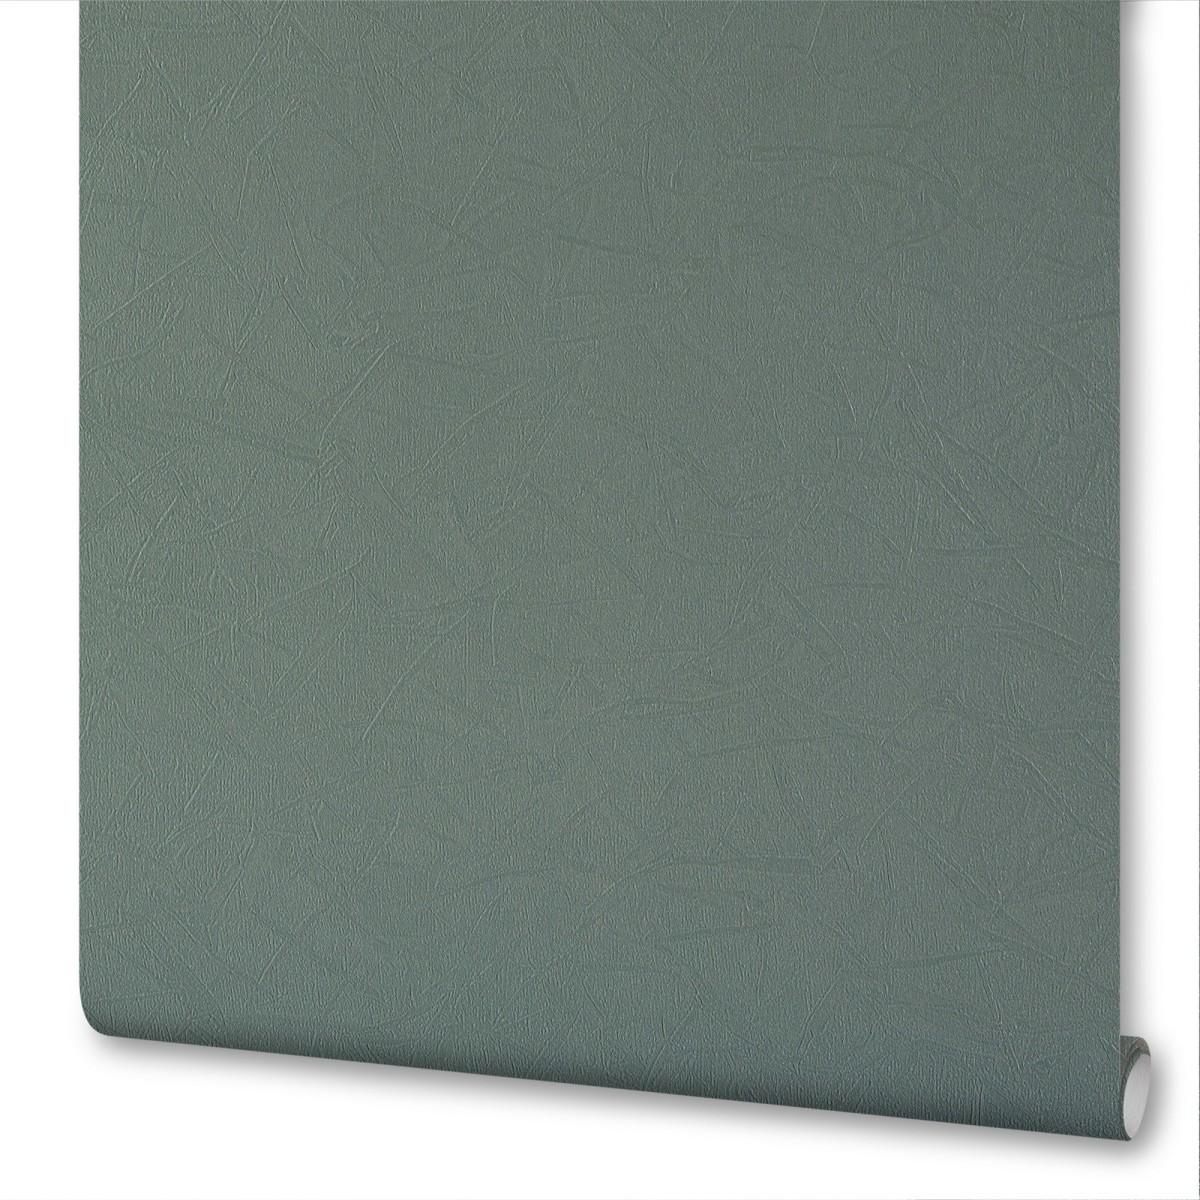 Обои флизелиновые Inspire 1.06х10.05 м цвет синий Па71050-66